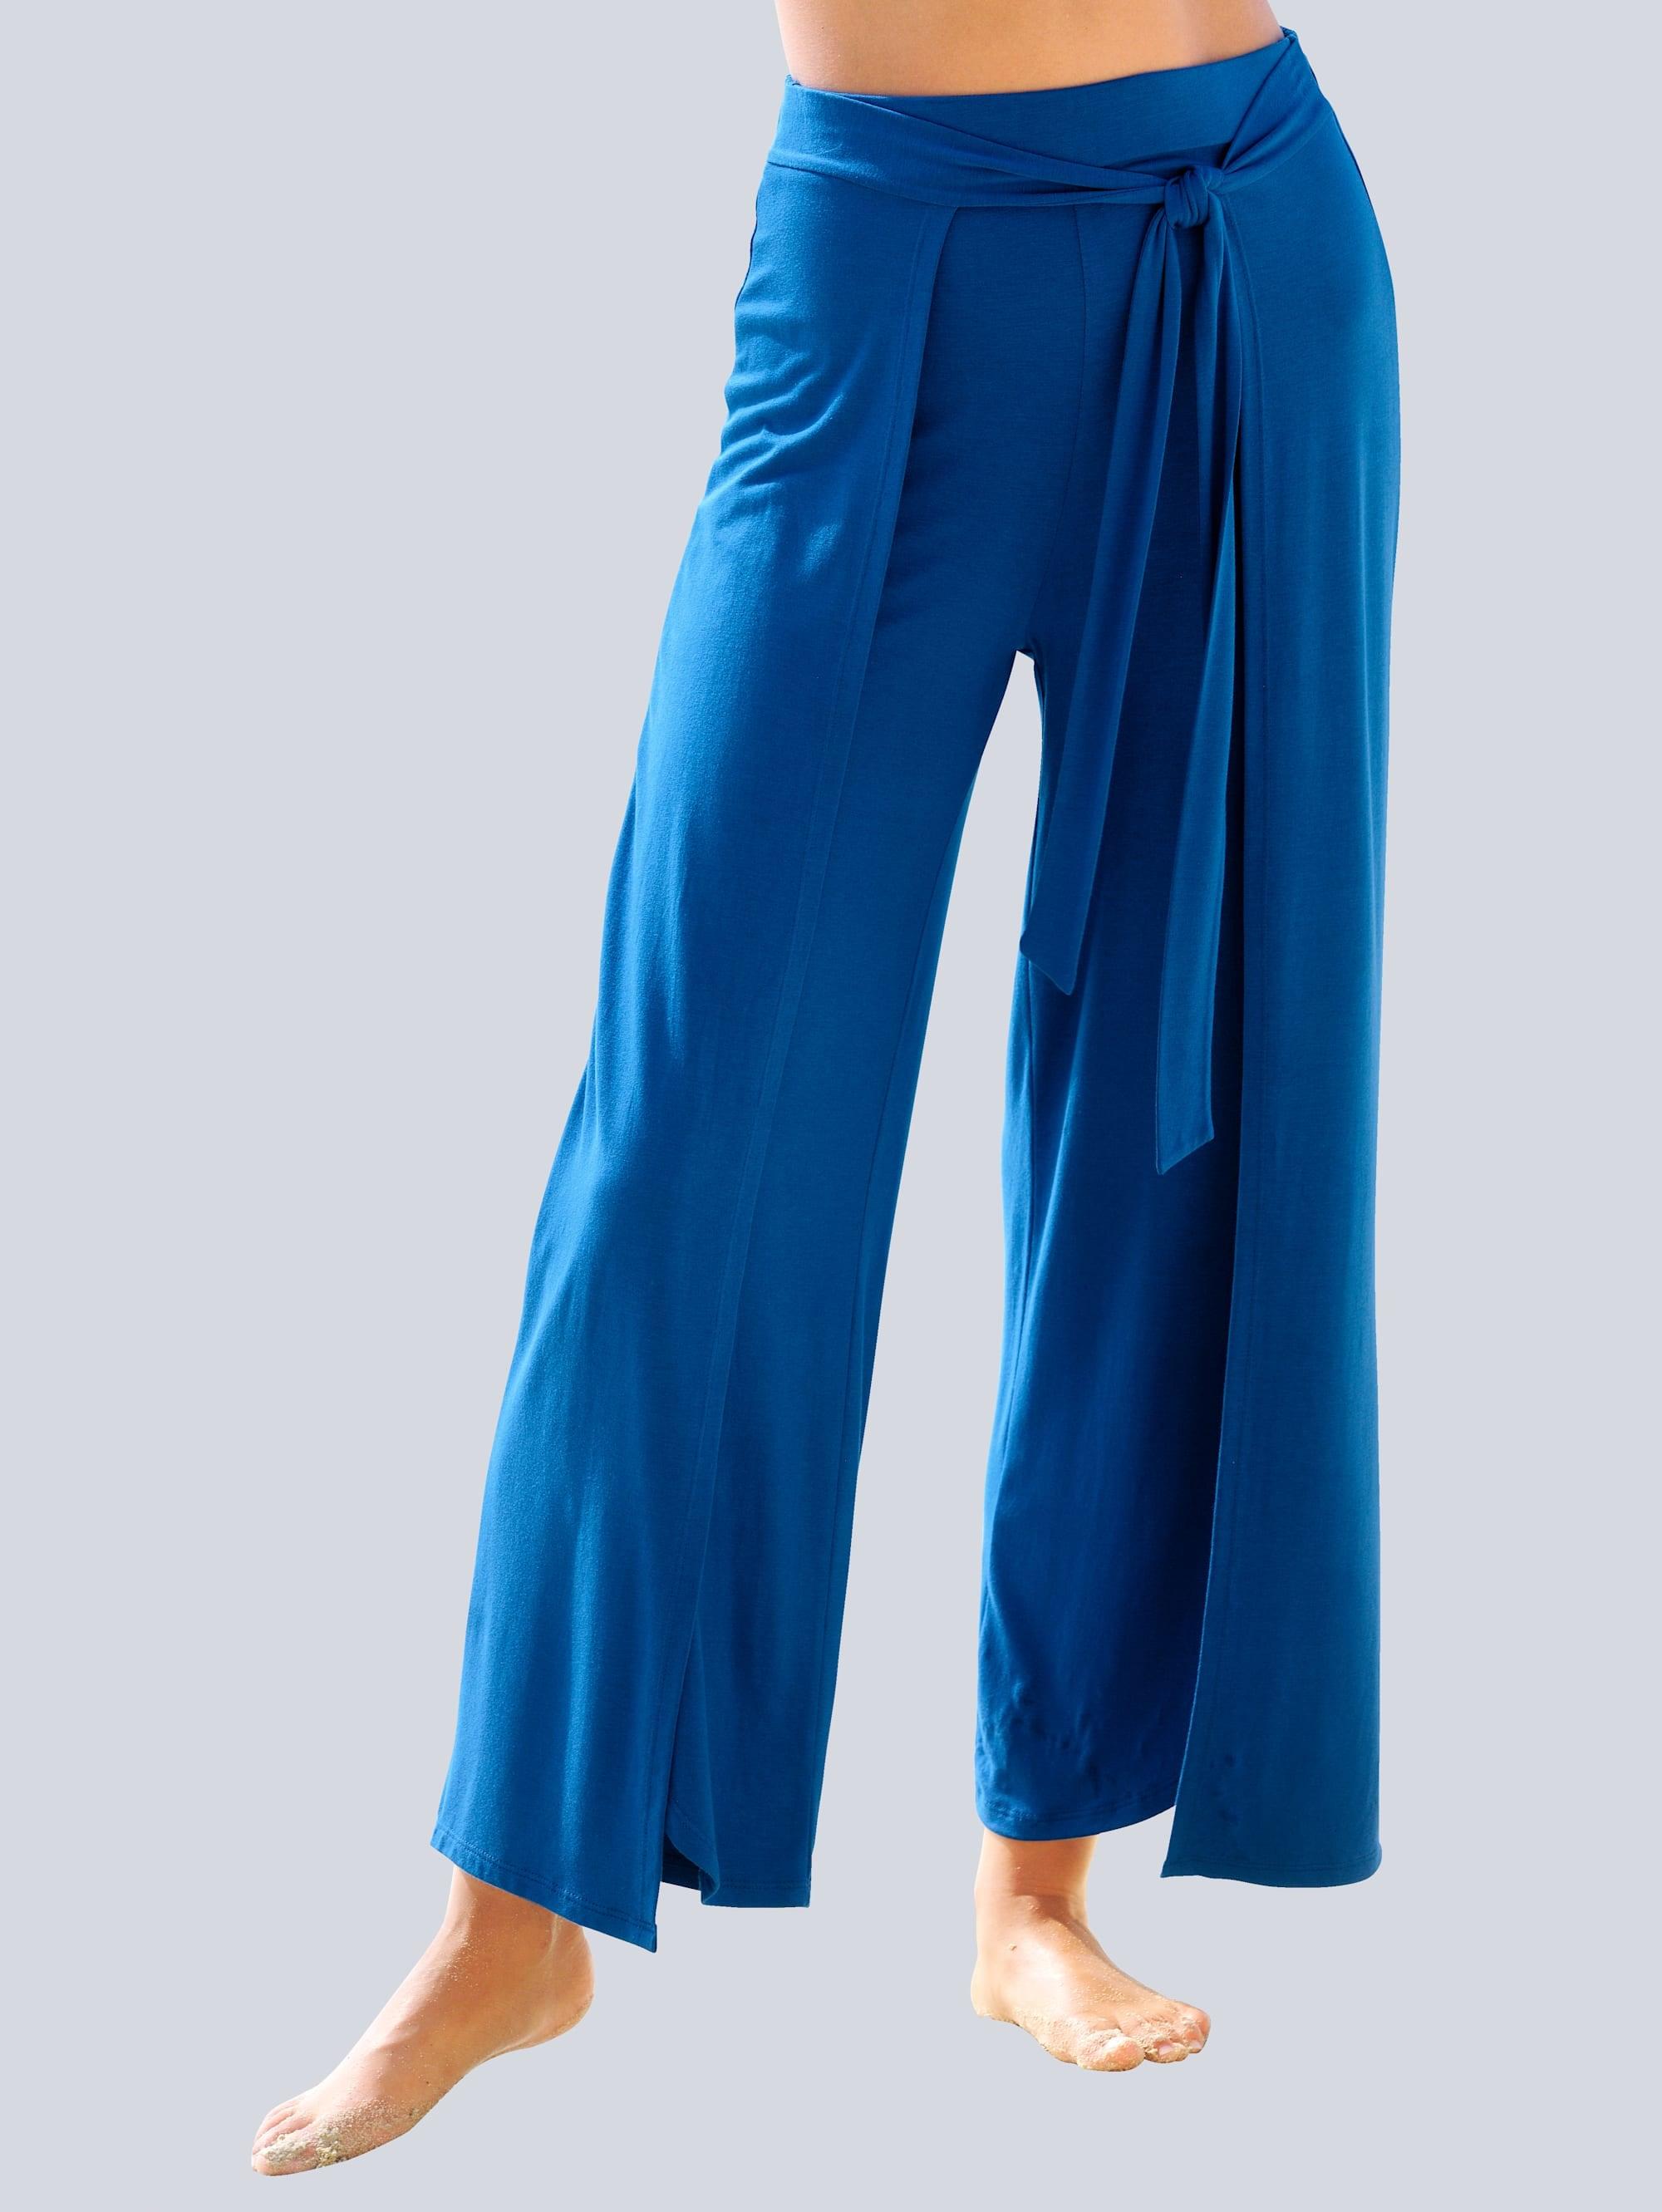 alba moda -  Strandhose, in Rockoptik